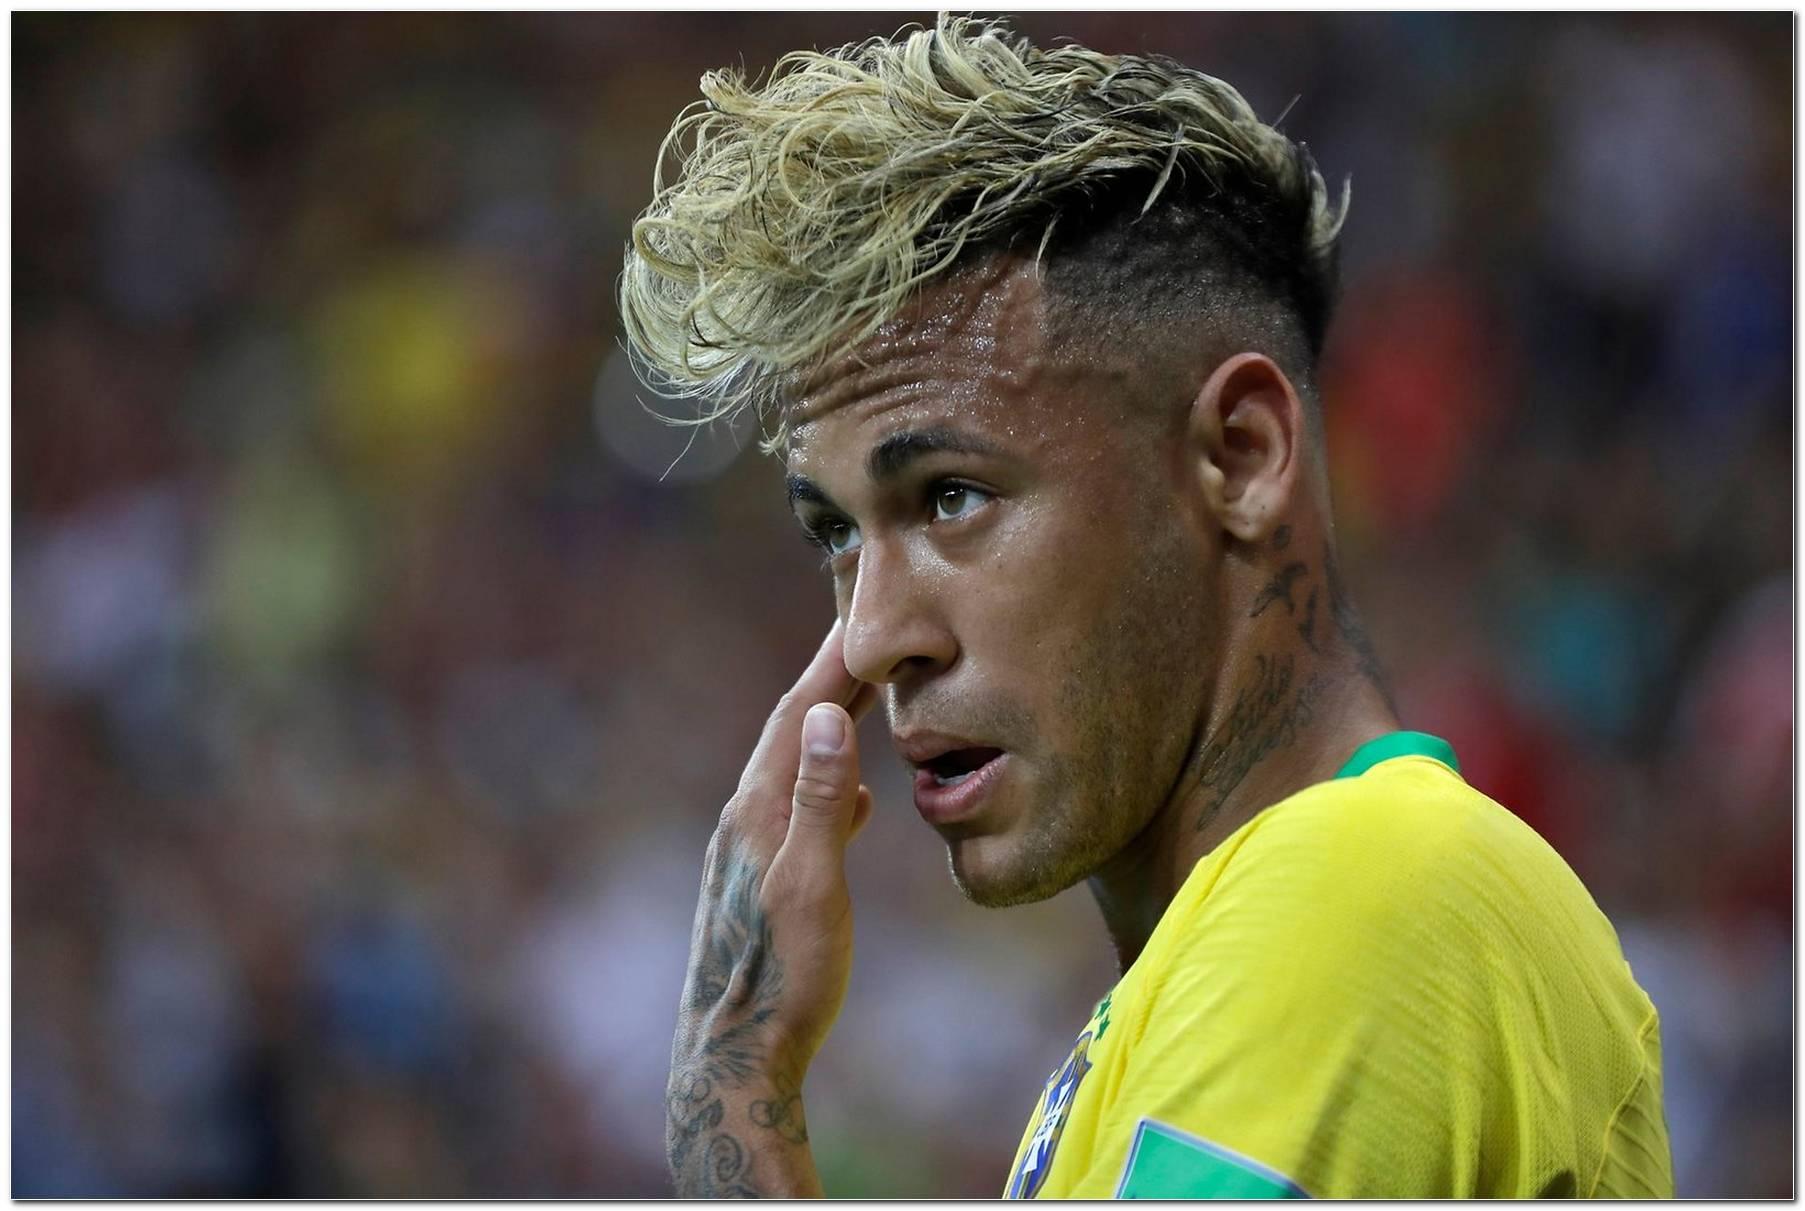 Neymar Frisur 2018 Cantona